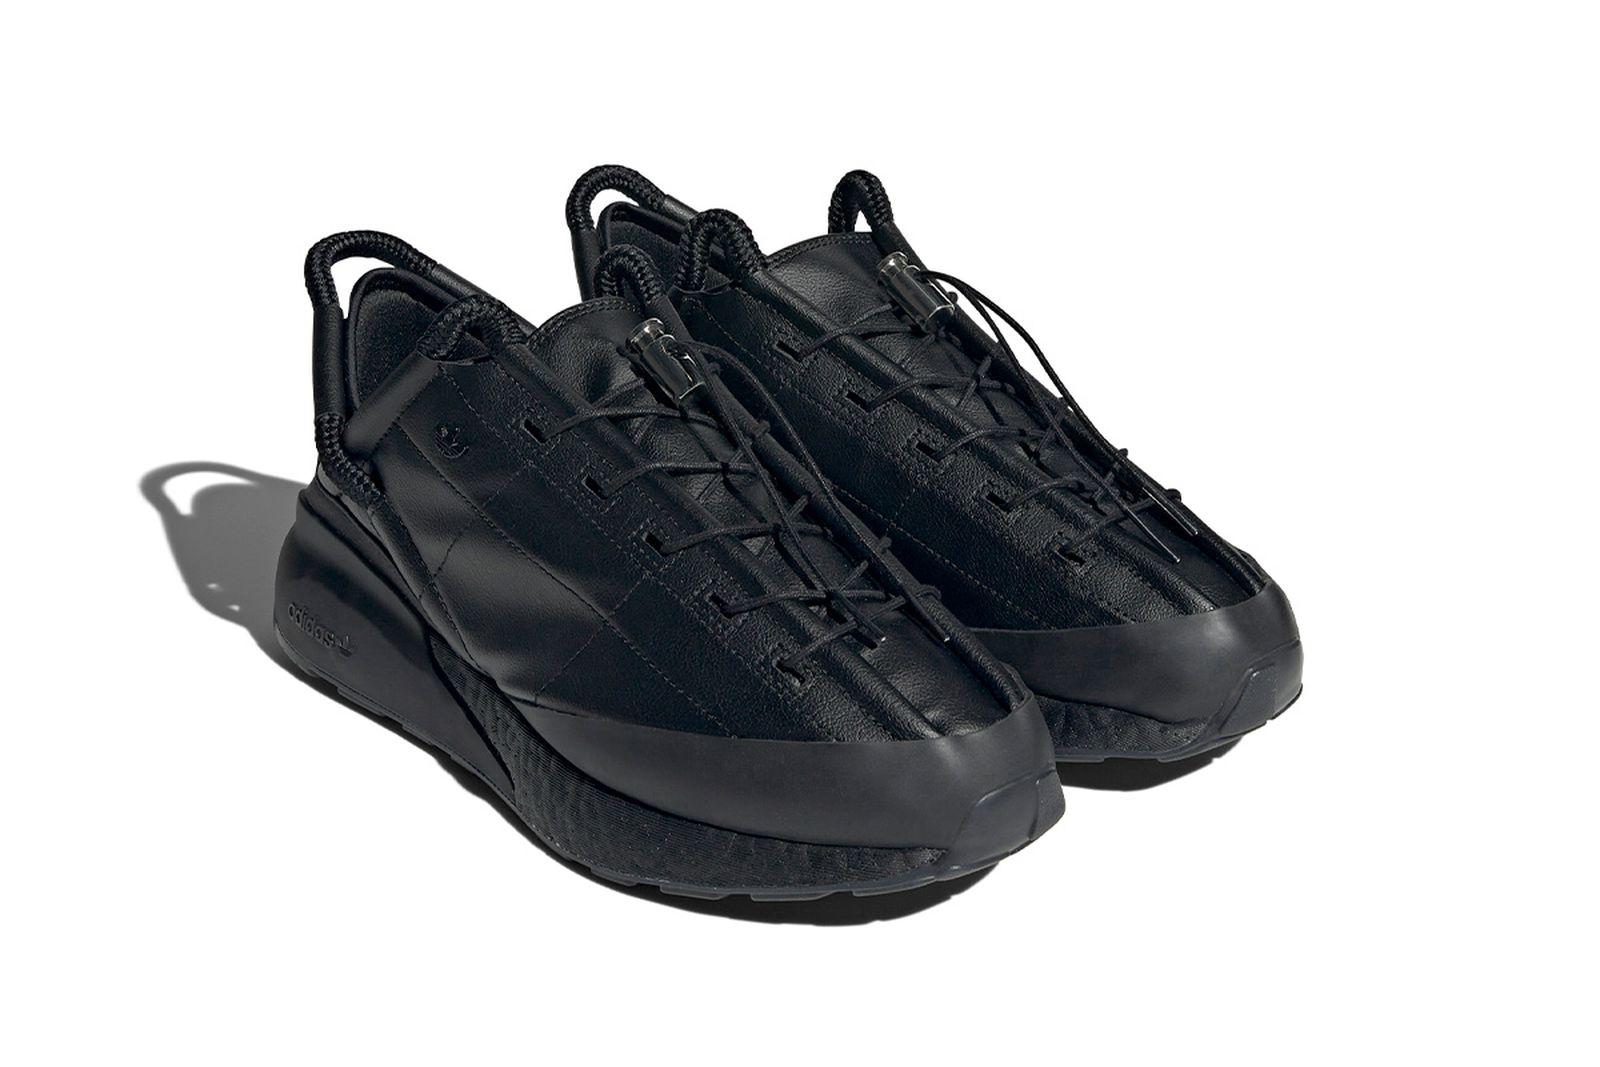 craig-green-adidas-zx-2k-phormar-release-date-price-01